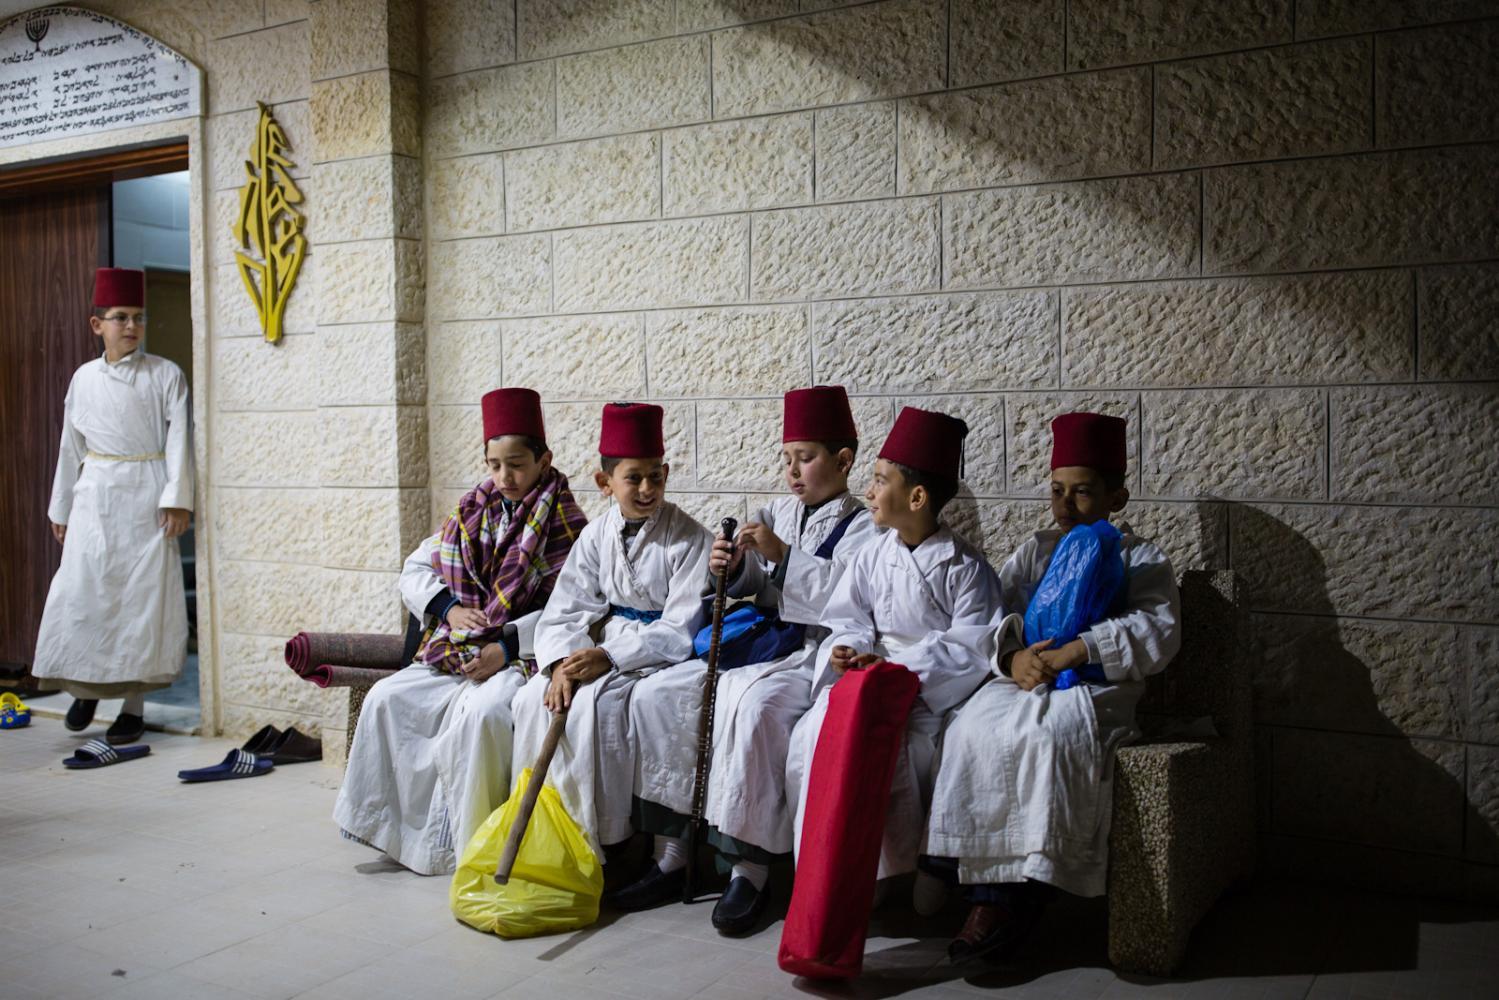 Photography image - Loading 16e5ae07fd84f2de-CK_Israel_Samaritans_01.jpg